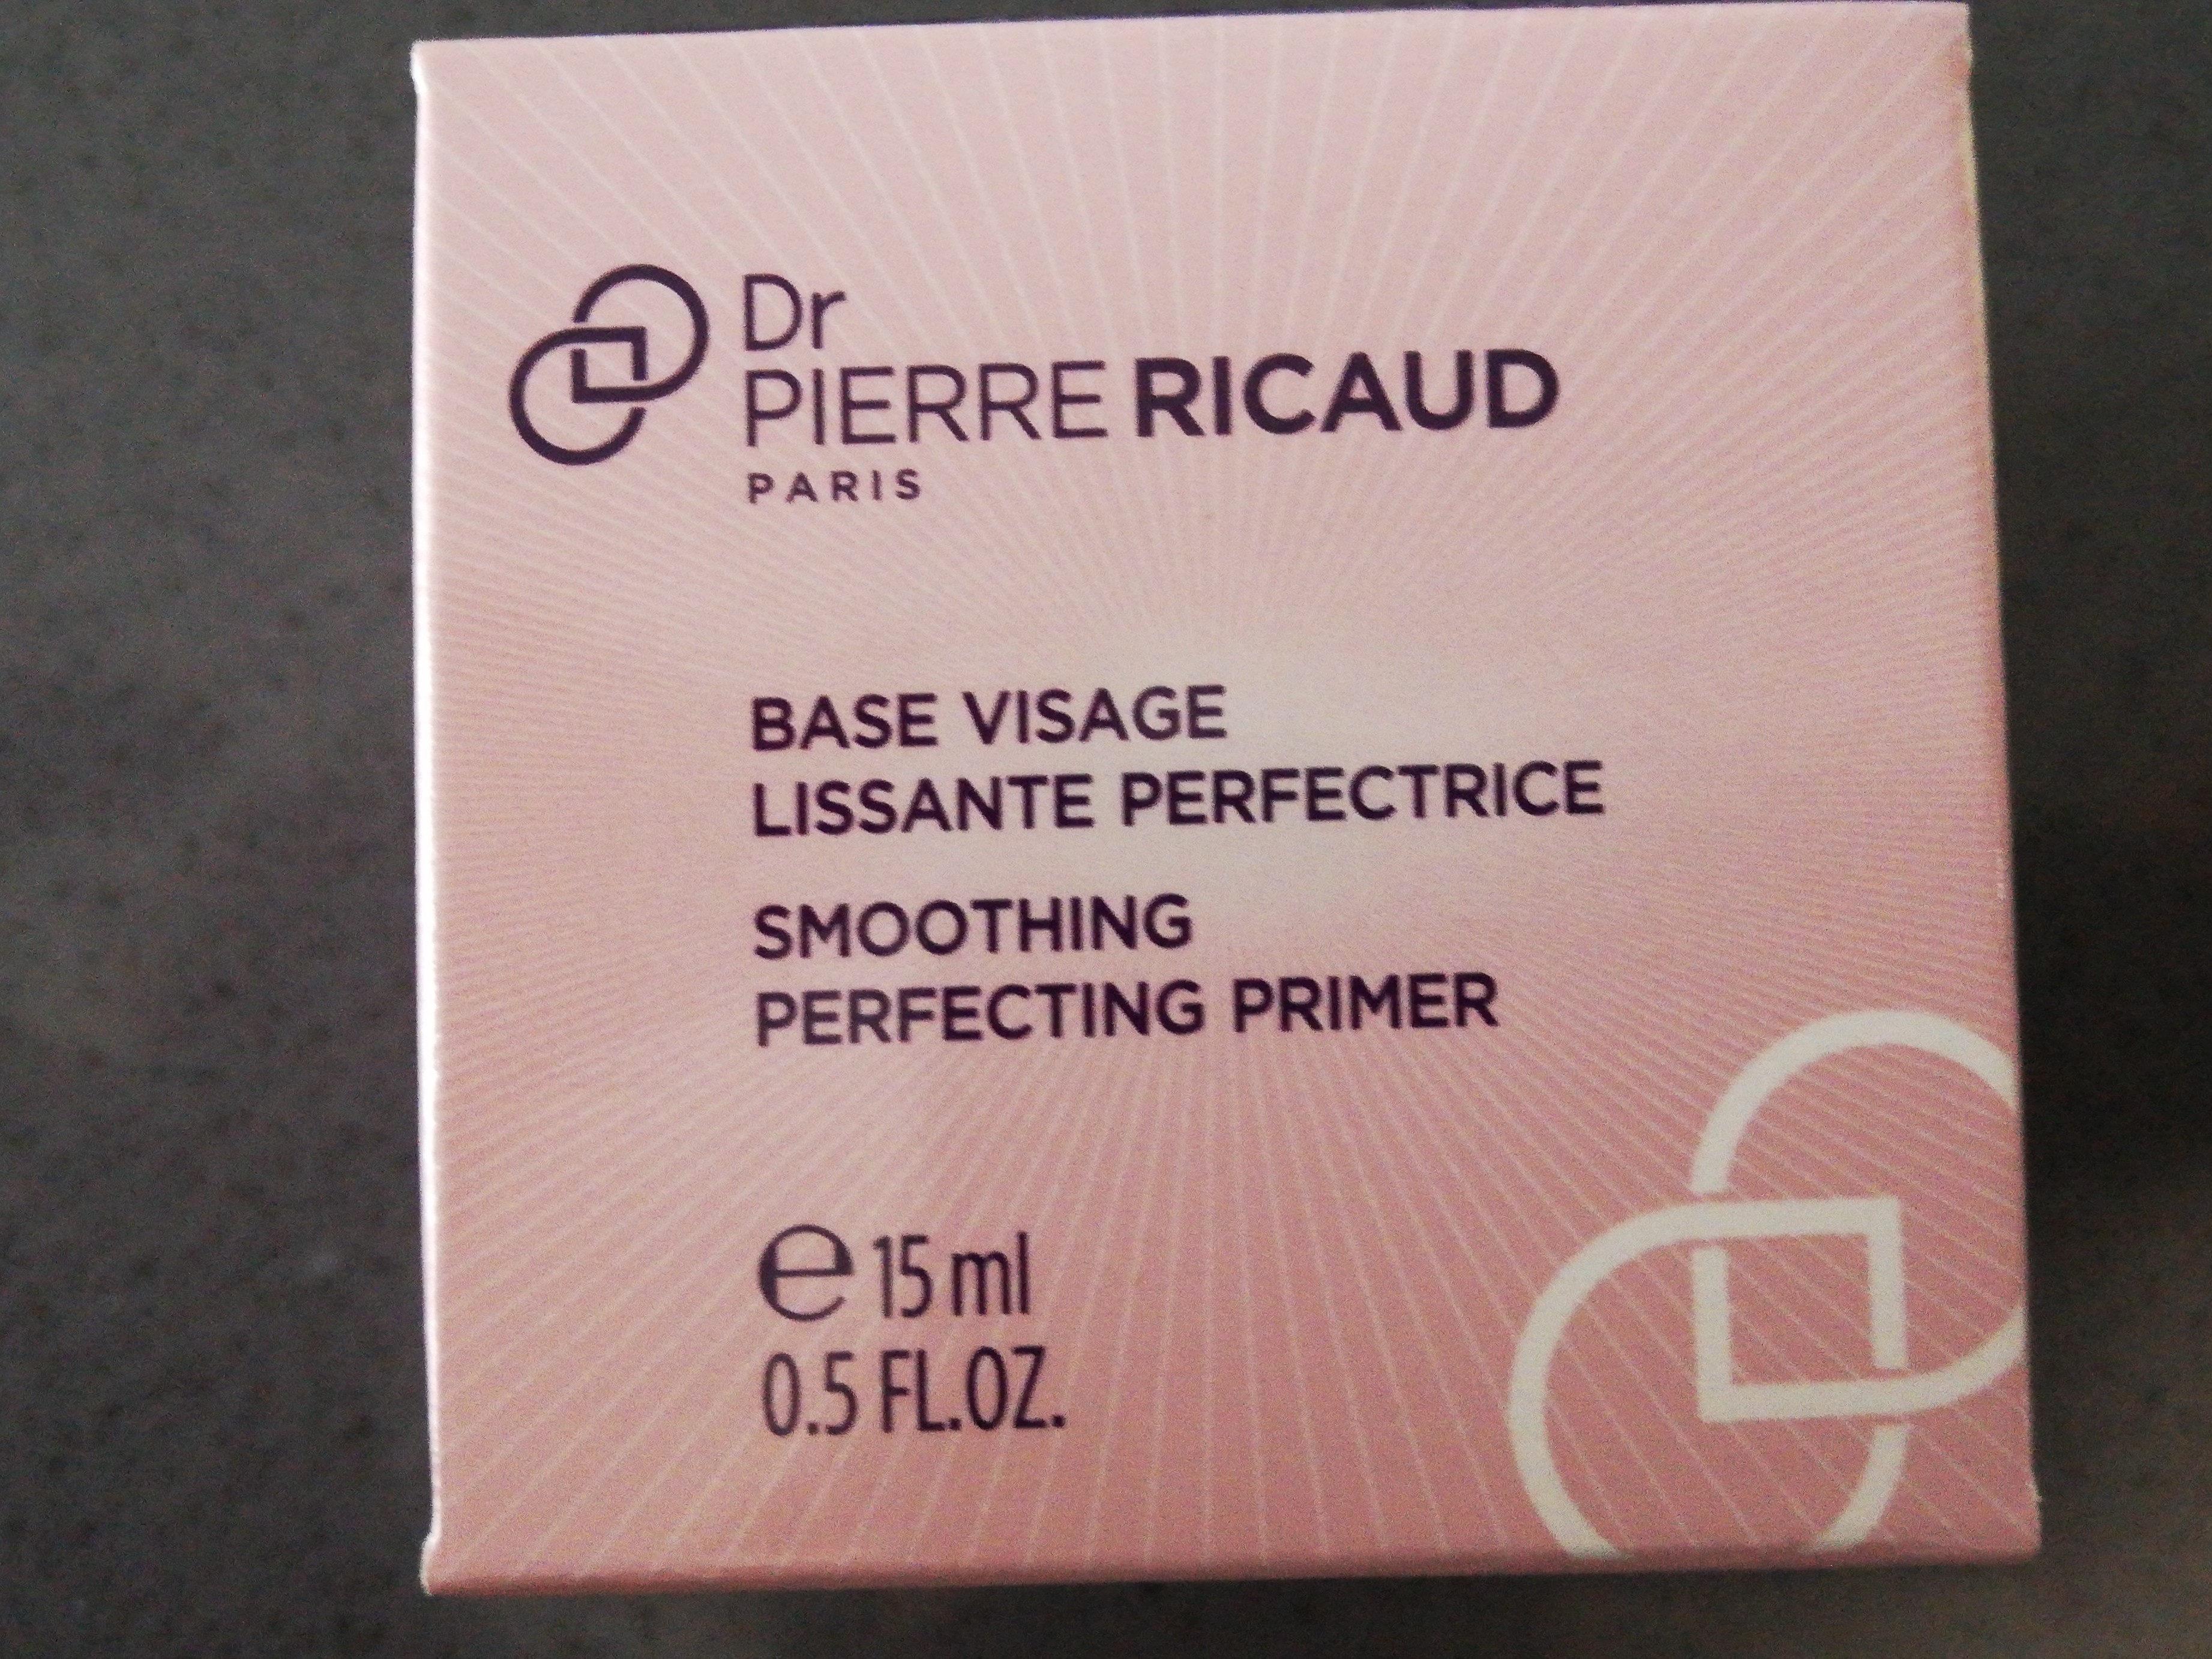 BASE VISAGE LISSANTE PERFECTRICE - Produit - fr